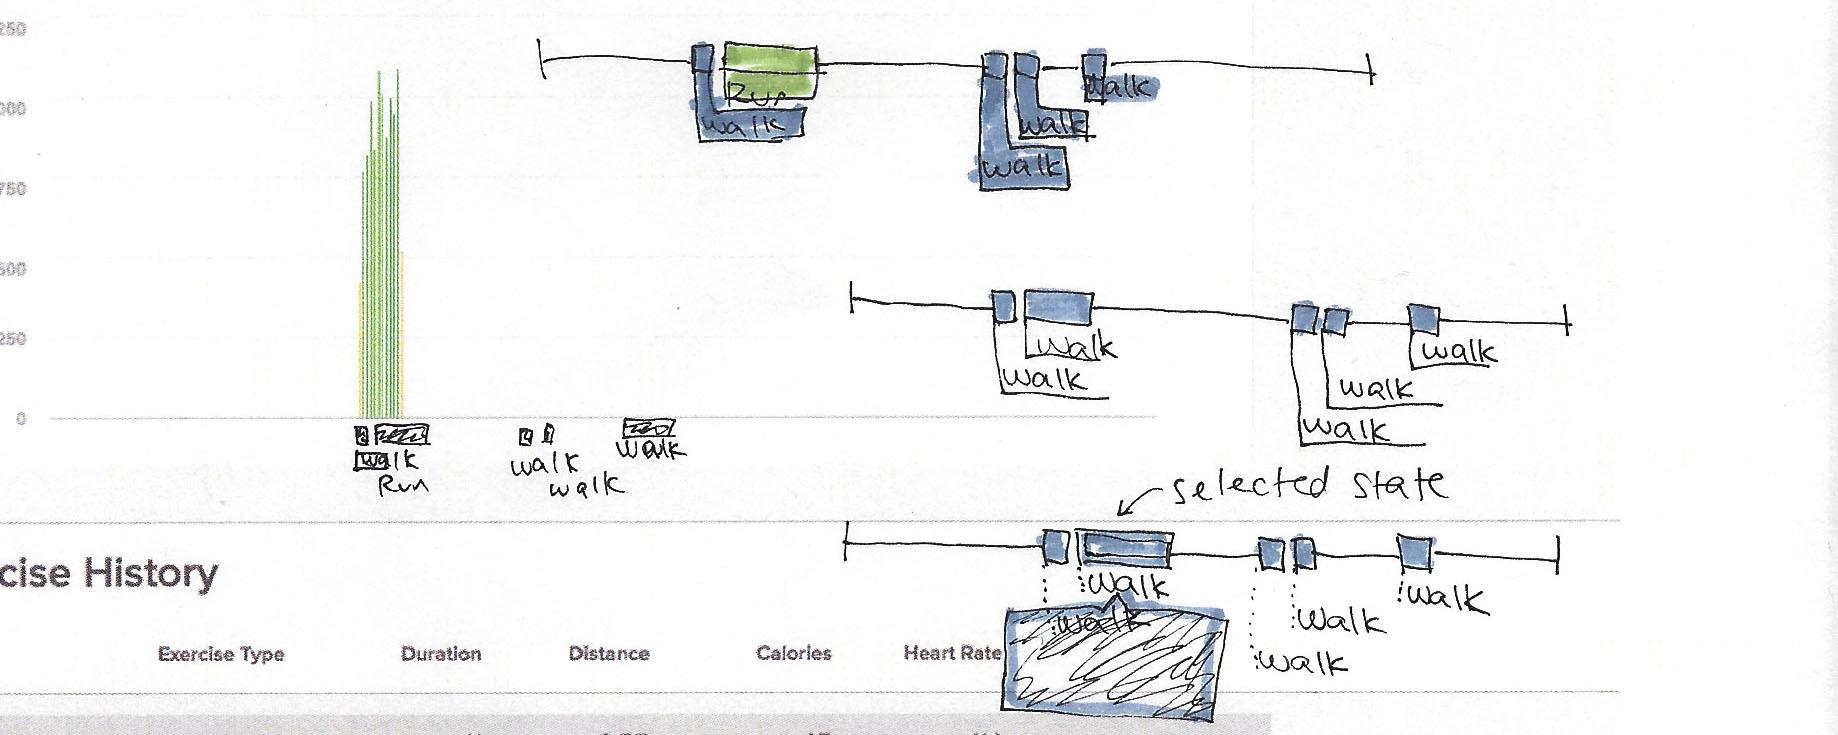 3 timeline_drawings 2.jpg